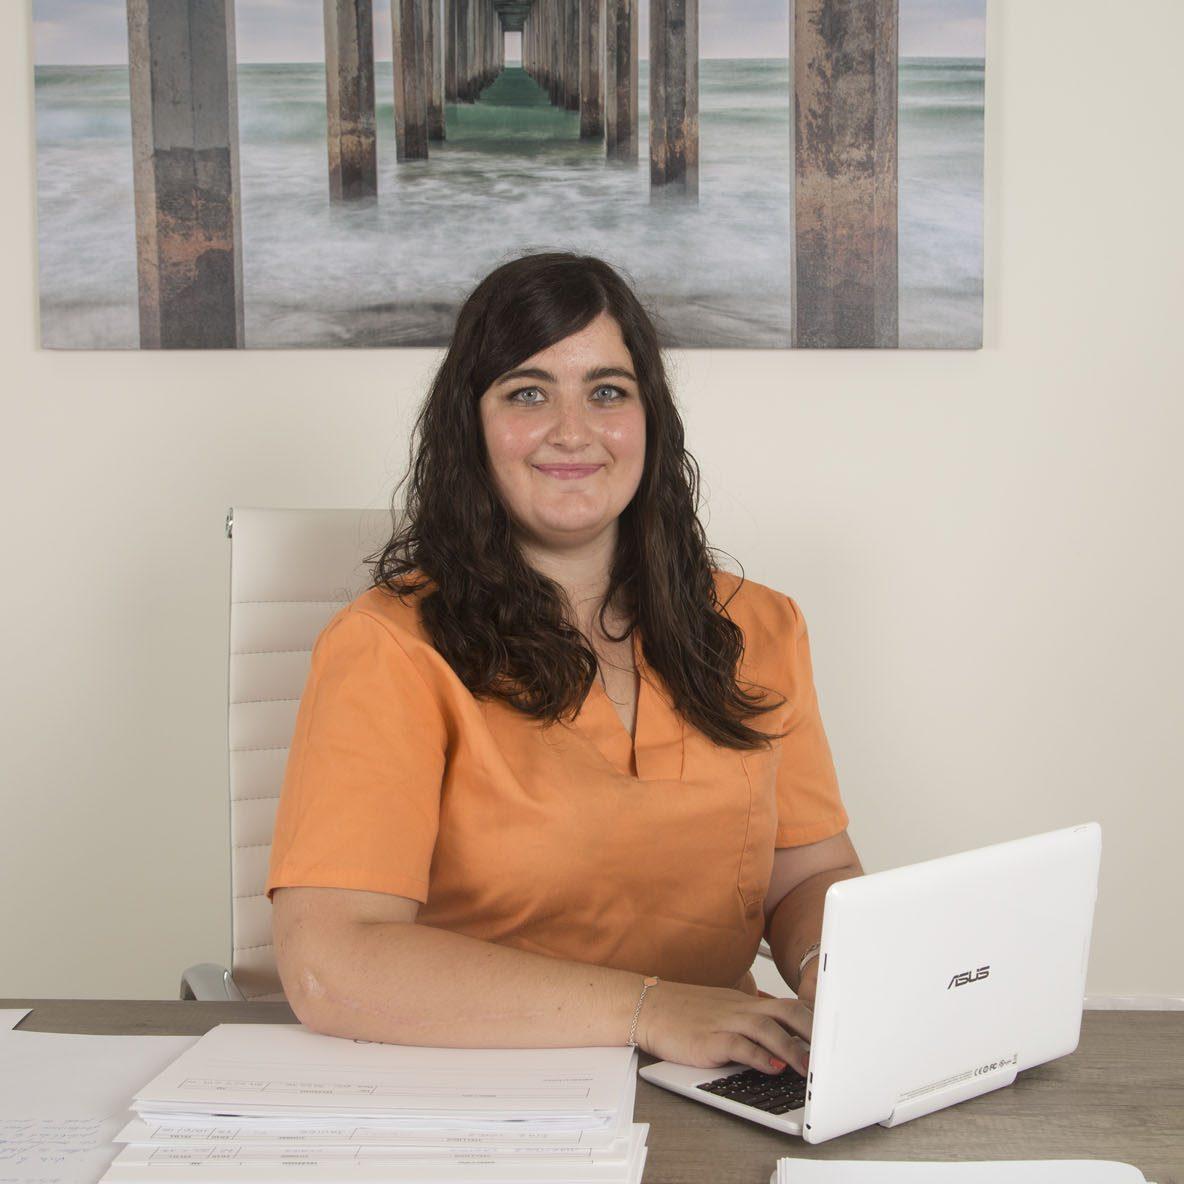 Míriam, coordinadora del Centro de Día Hera en A Coruña